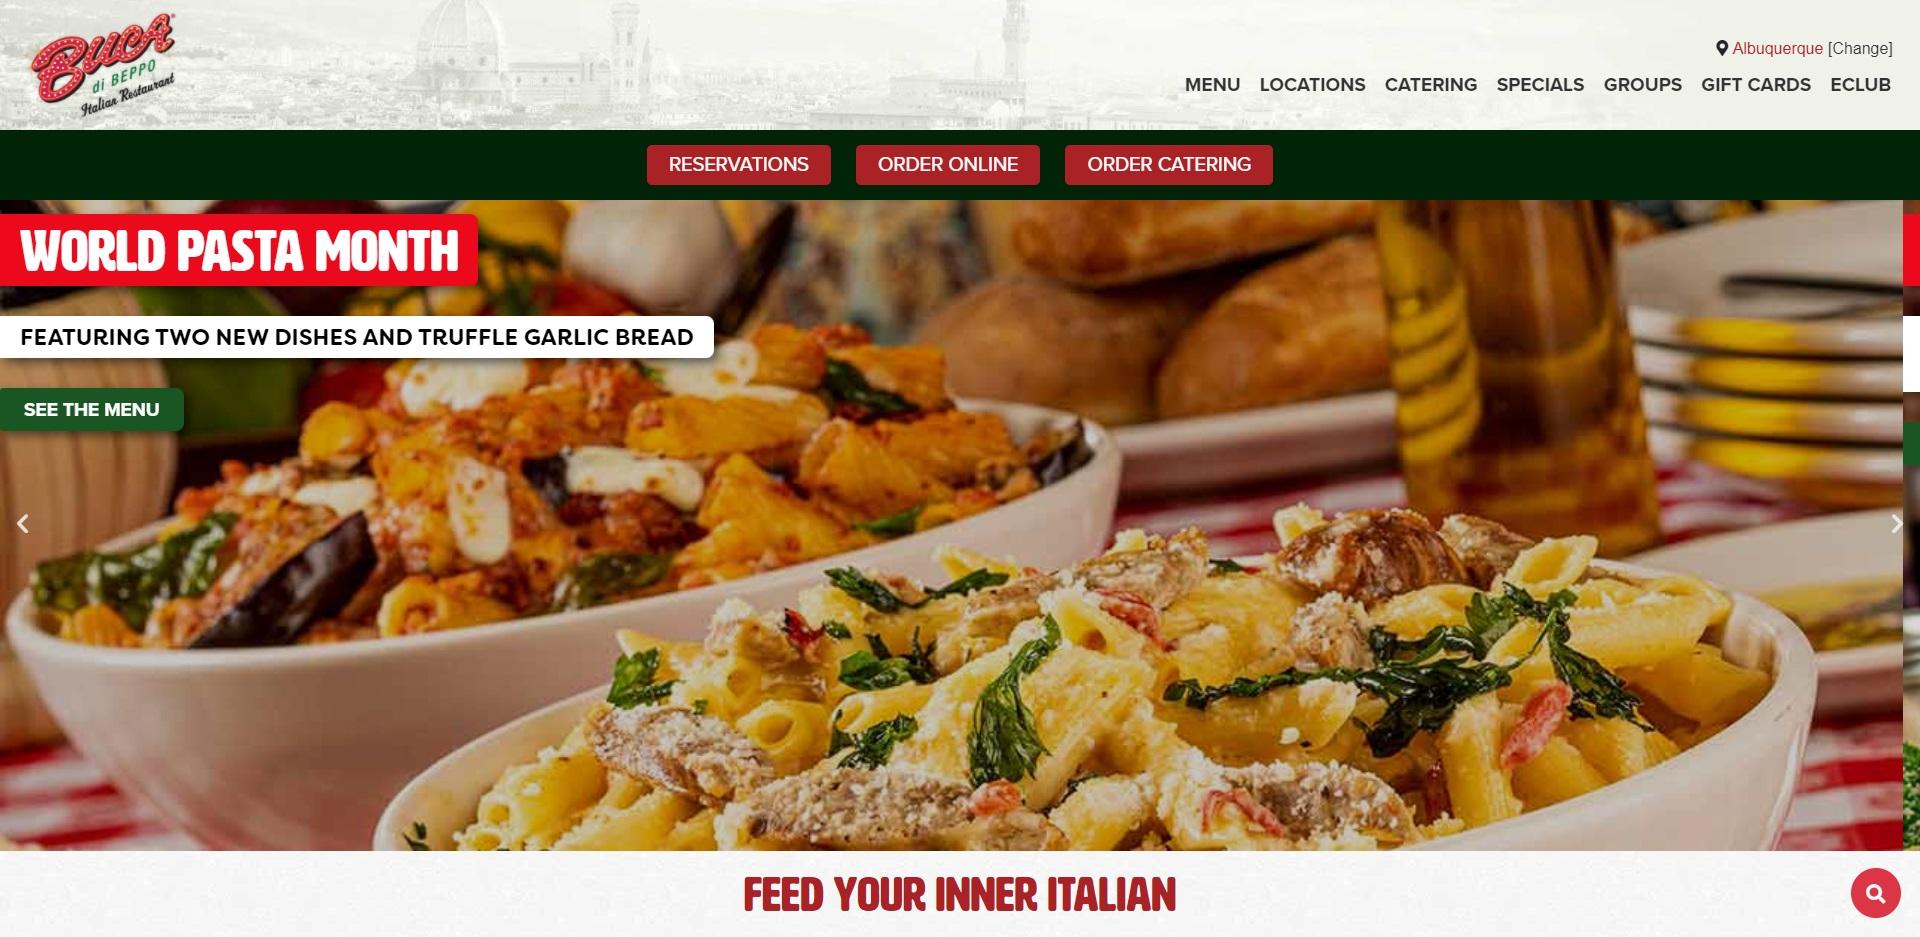 5 Best Italian Restaurants in Albuquerque, NM